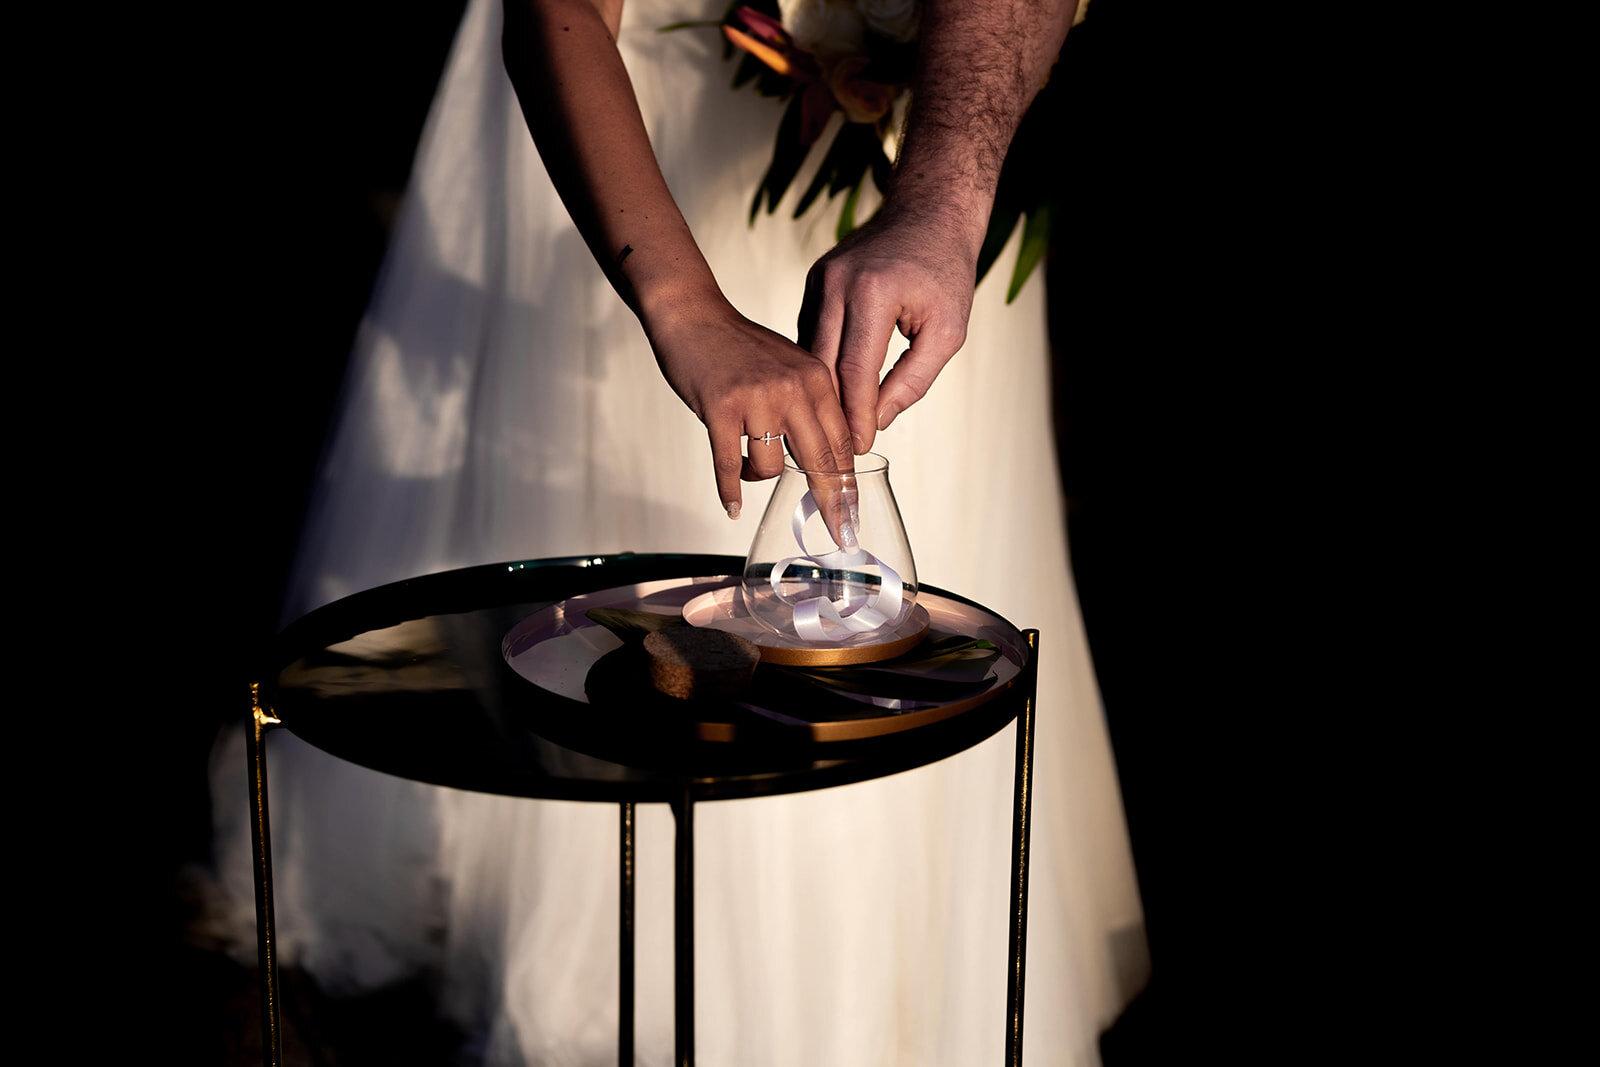 Organisation renouvellement des voeux A et S _ MRevenement wedding planner à la Réunion (24).jpg